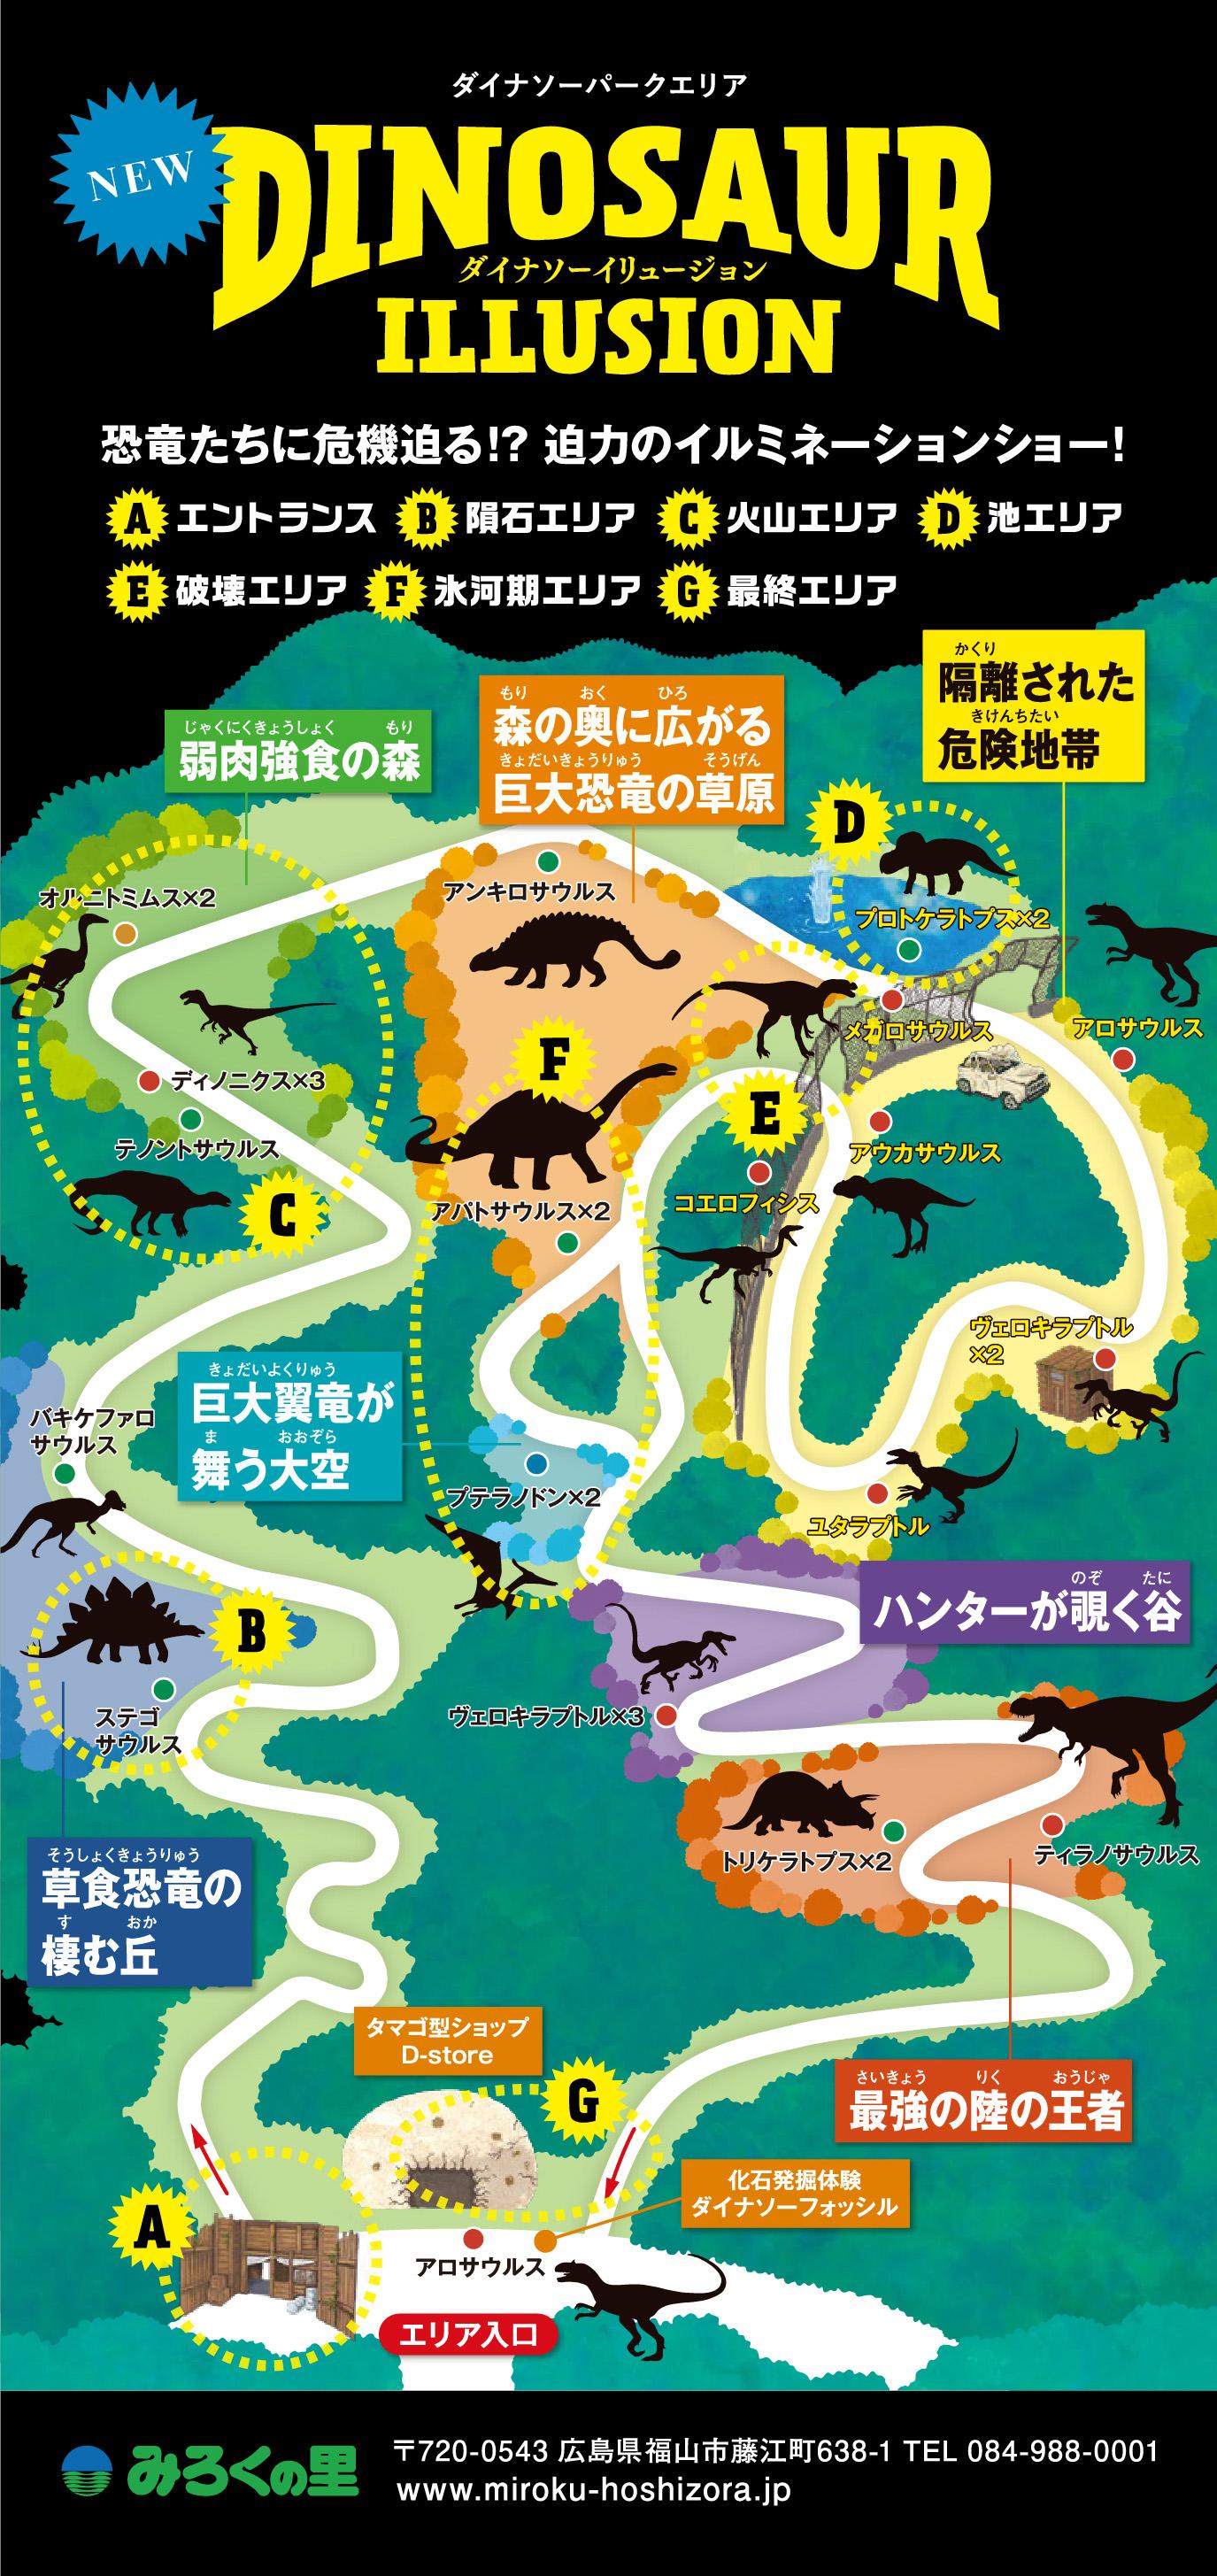 恐竜絶滅のストーリーを仮想体験「ダイナソーイリュージョン」登場